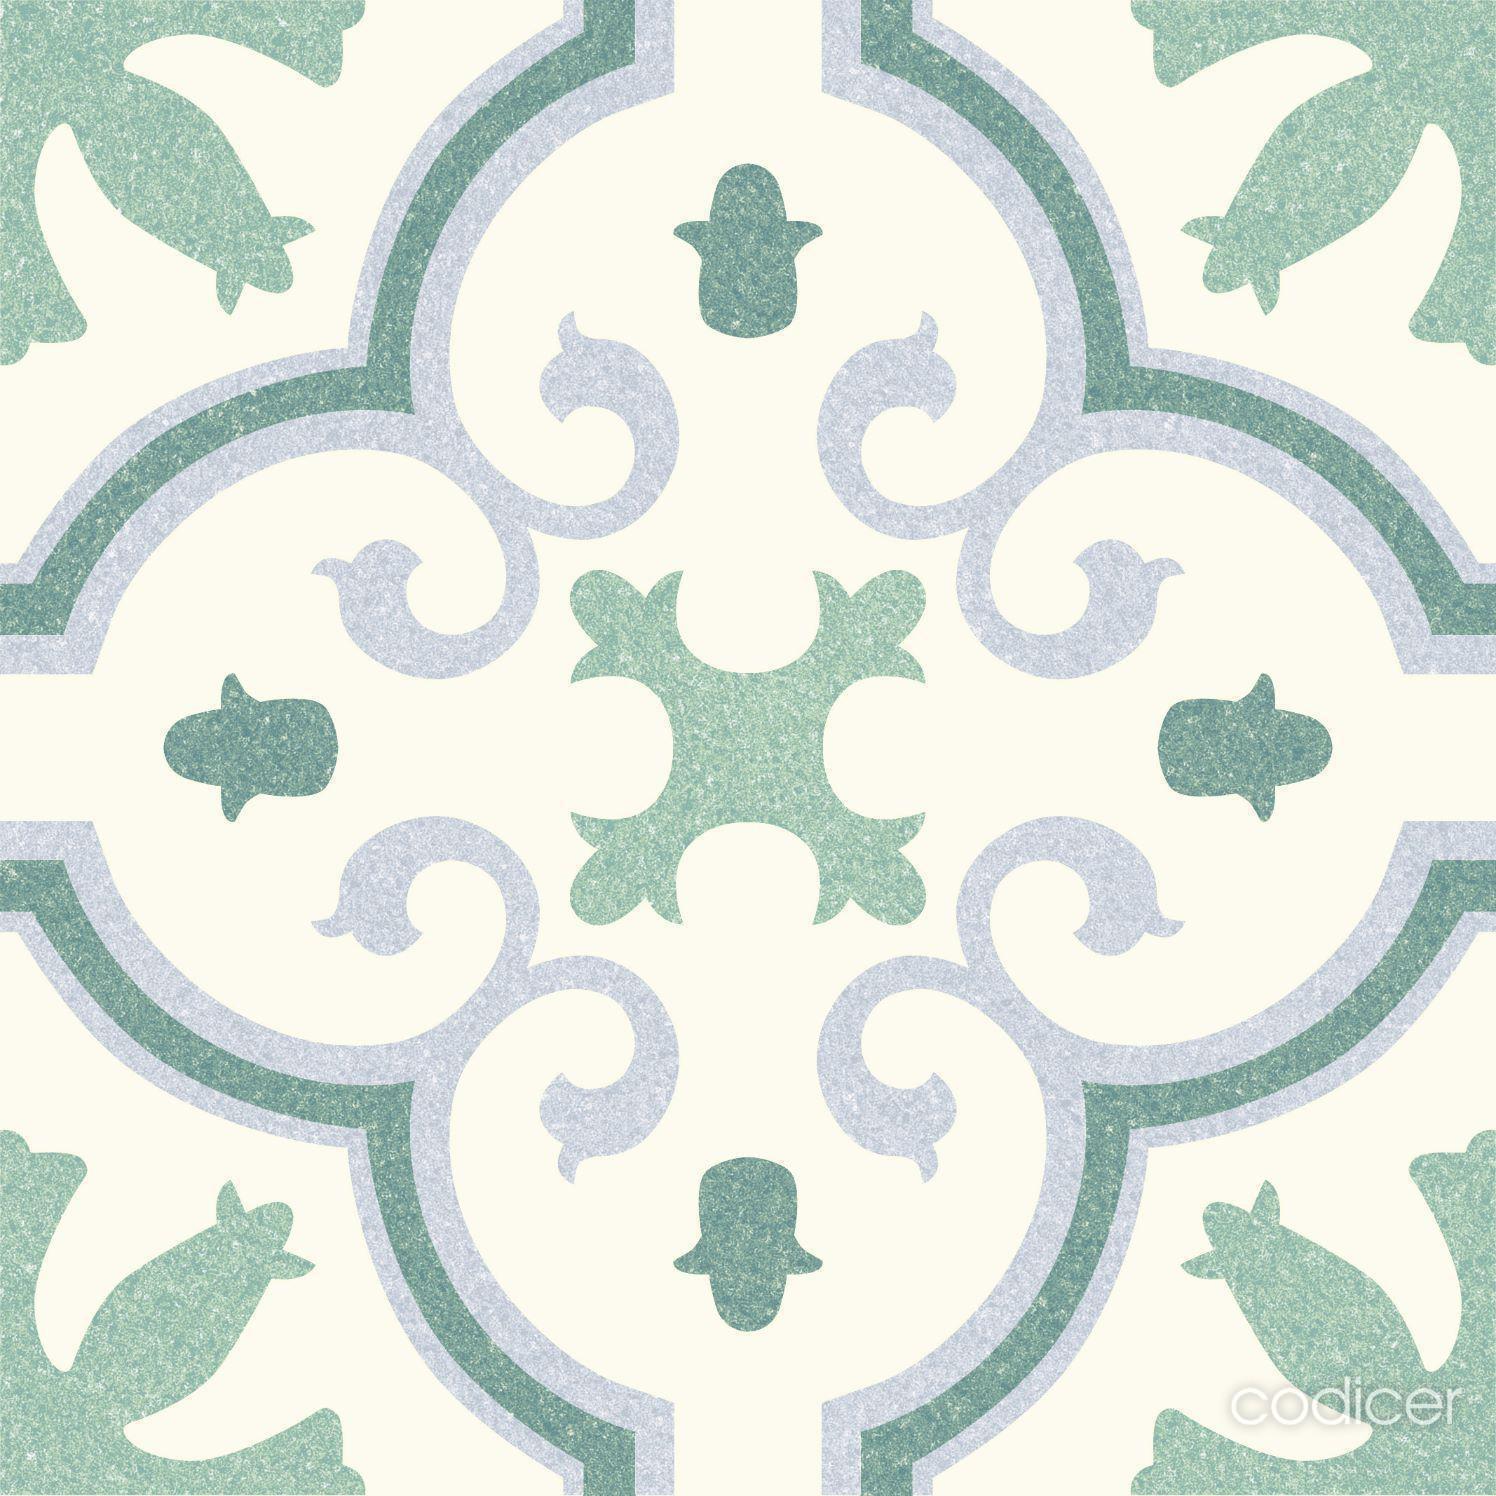 6.0008.21  Codicer Retrofliese / Feinsteinzeug MONTECARLO GREEN